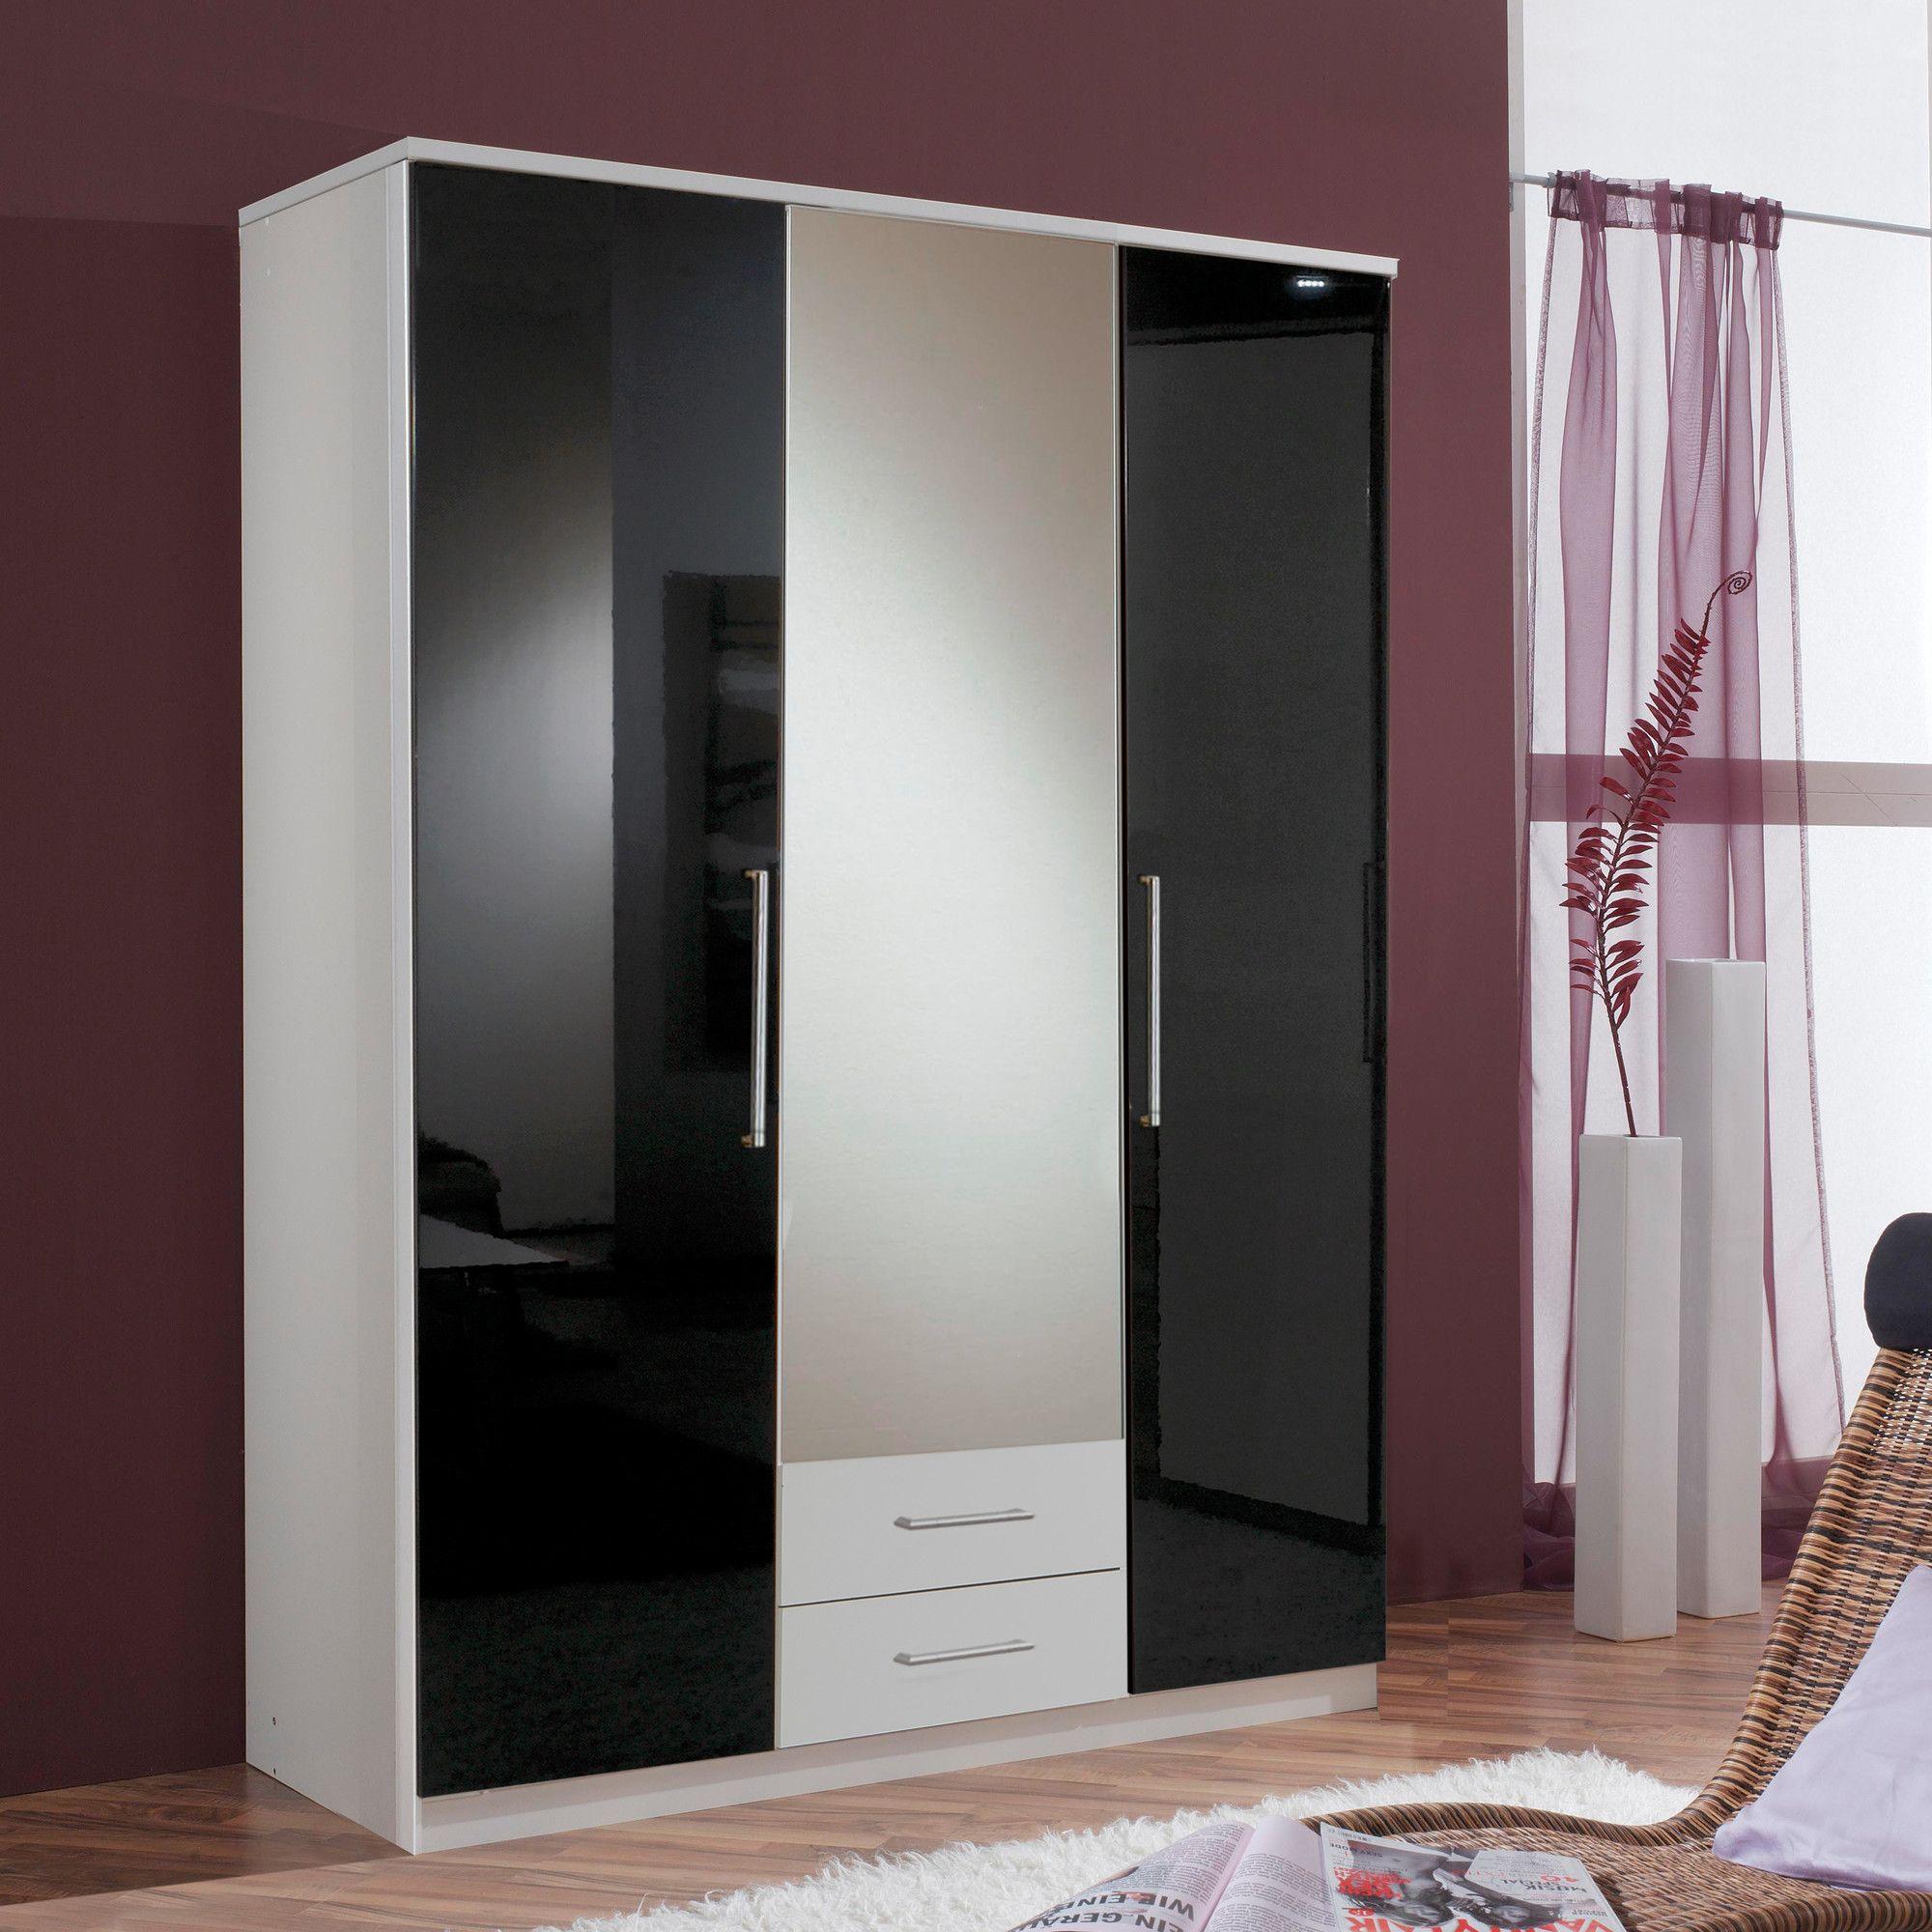 Amos Mann furniture Milano 3 Door 2 Drawer Wardrobe - Black and White at Tesco Direct